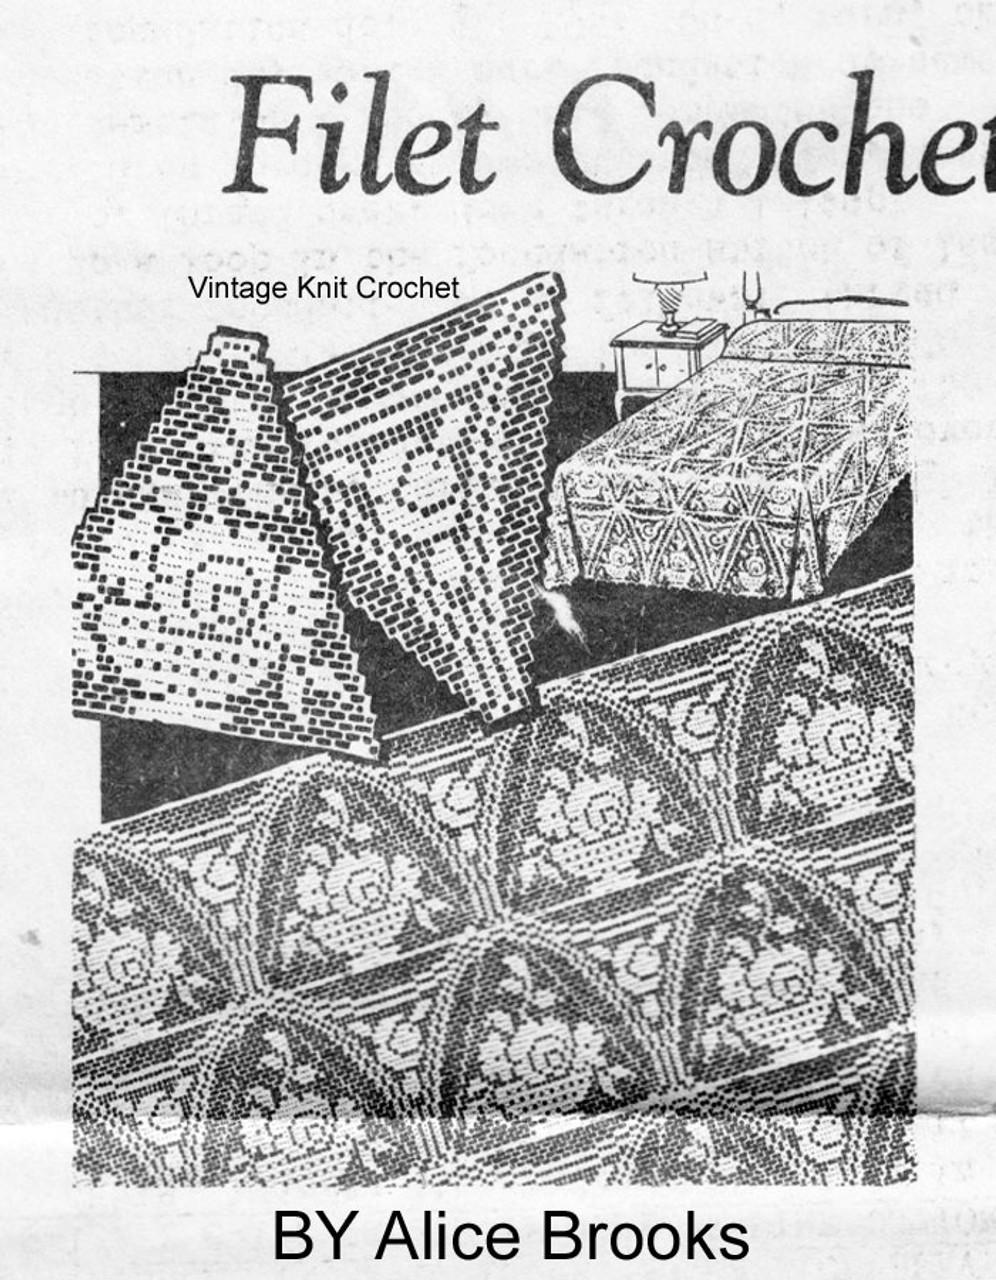 Filet Crochet Bedspread Pattern, Rose Triangles, Alice Brooks 6206